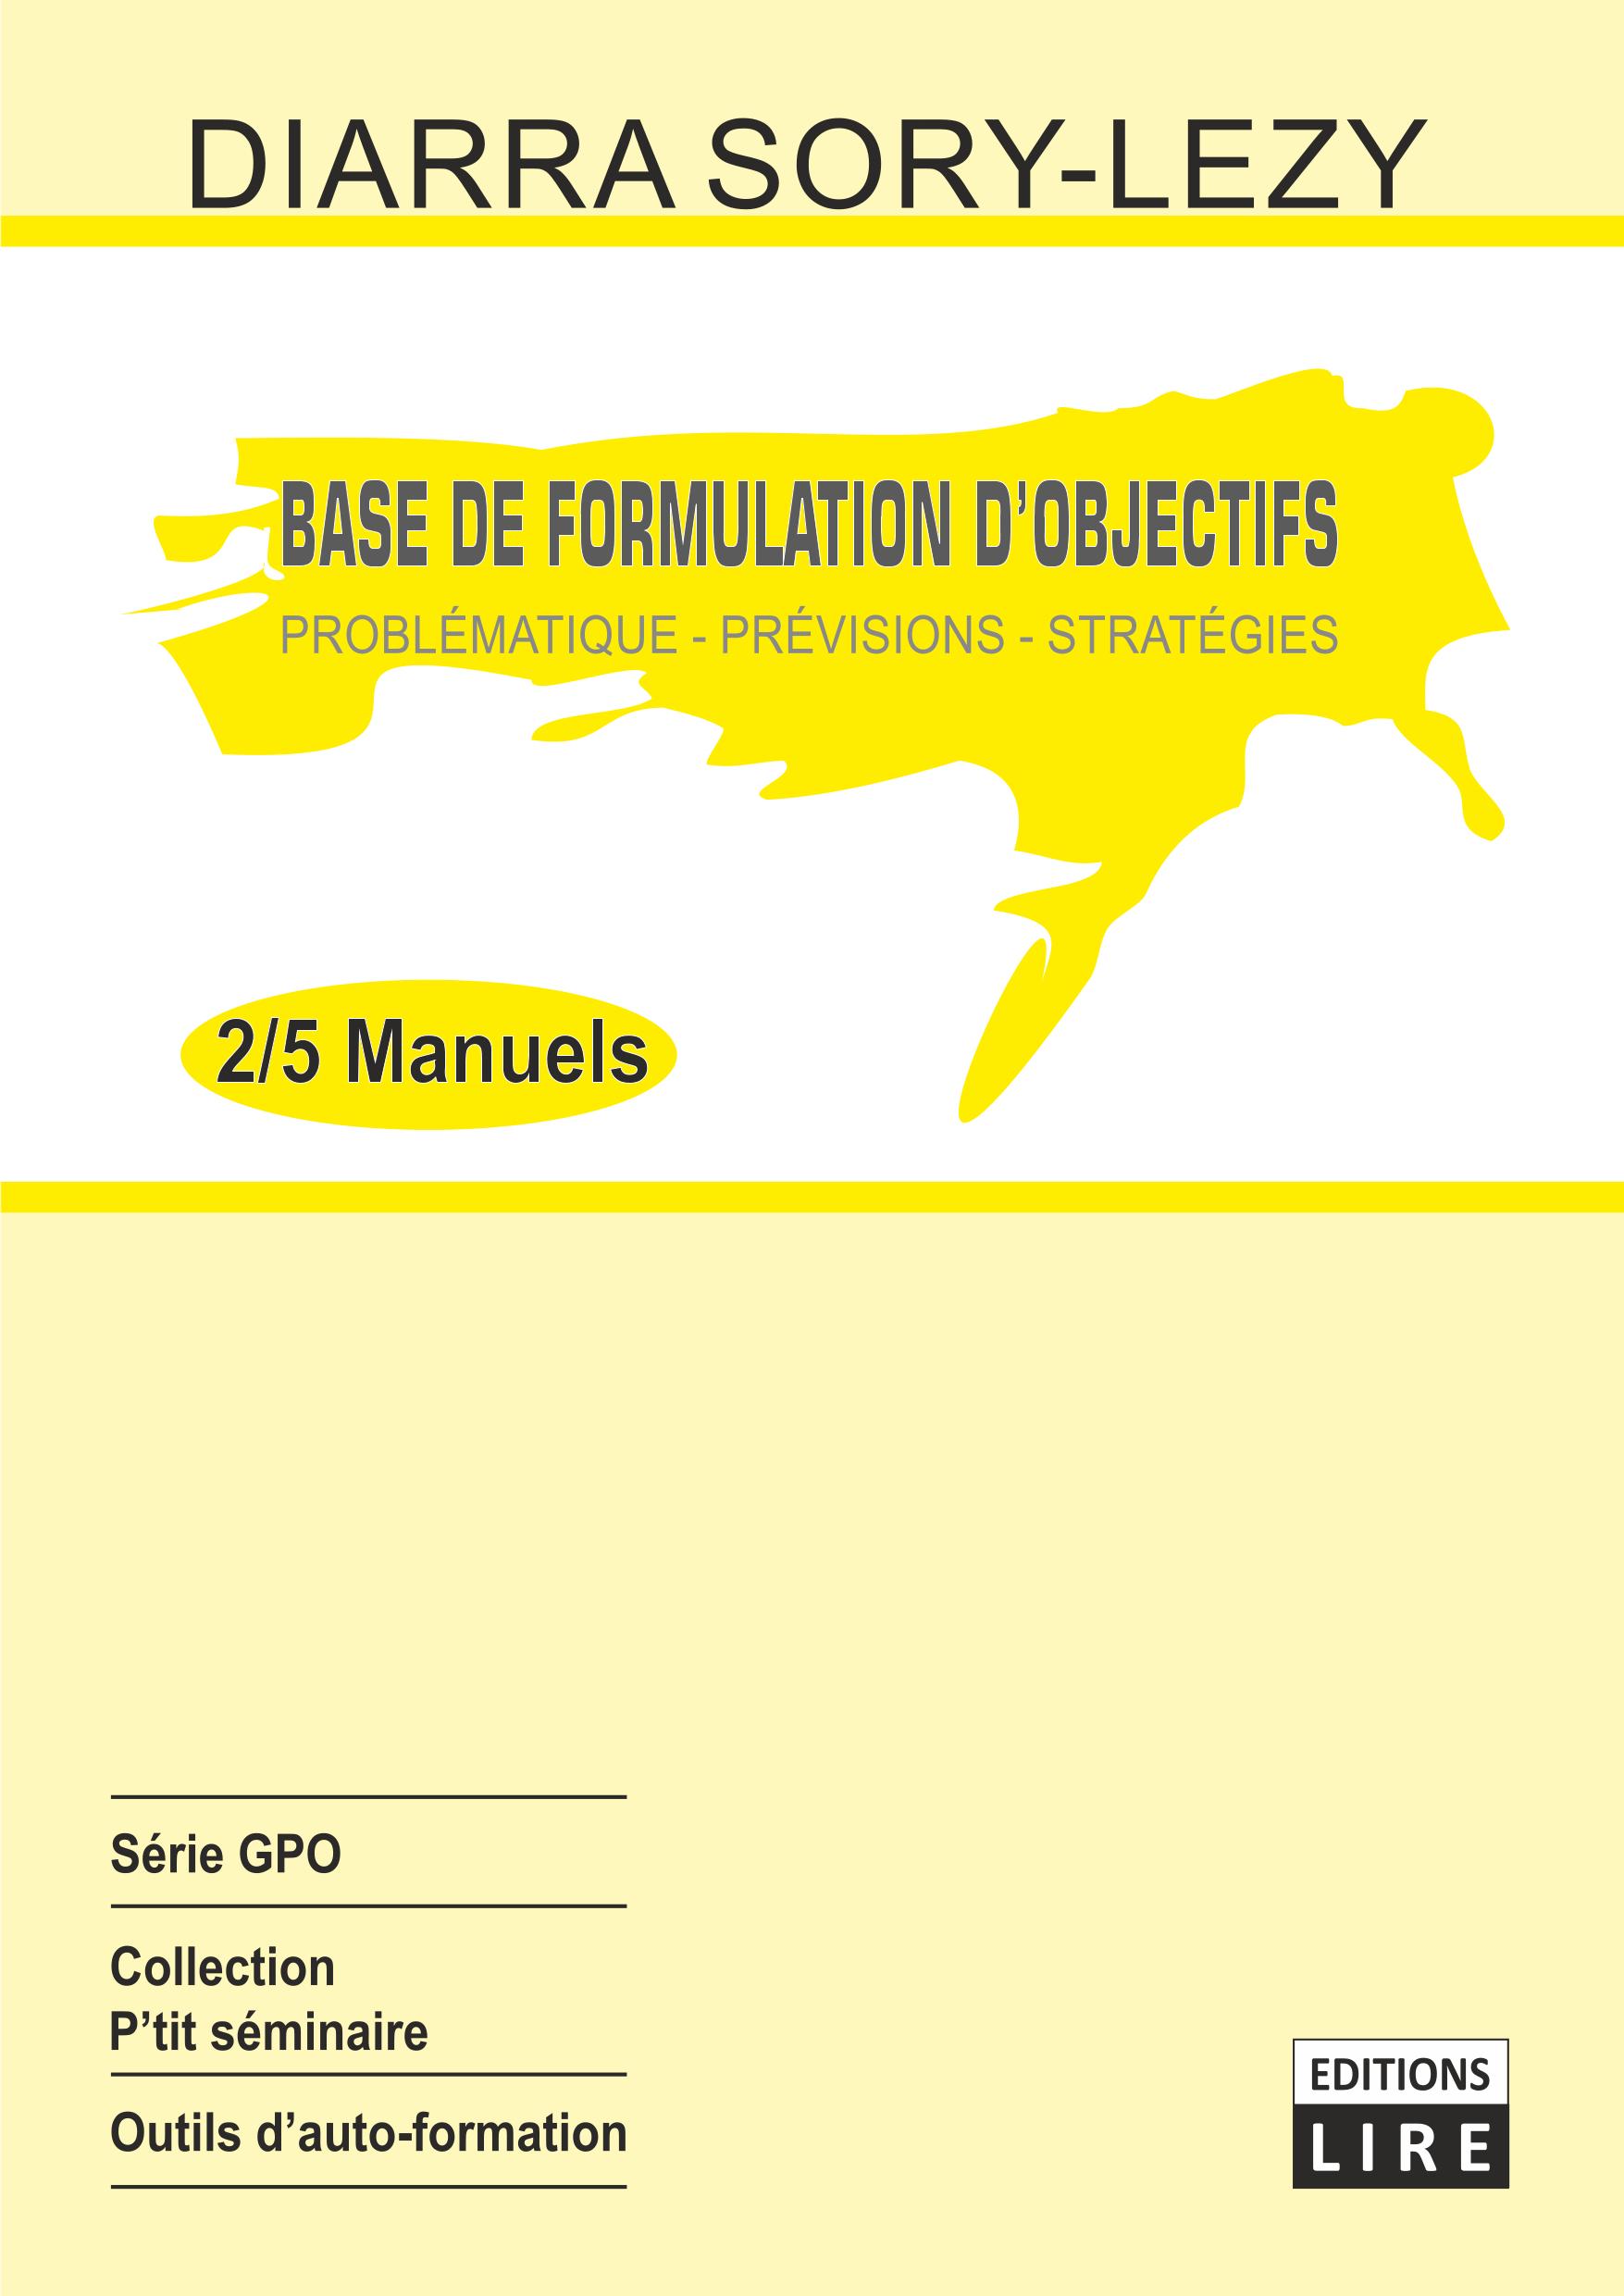 BASES DE LA FORMULATION D'OBJECTIFS